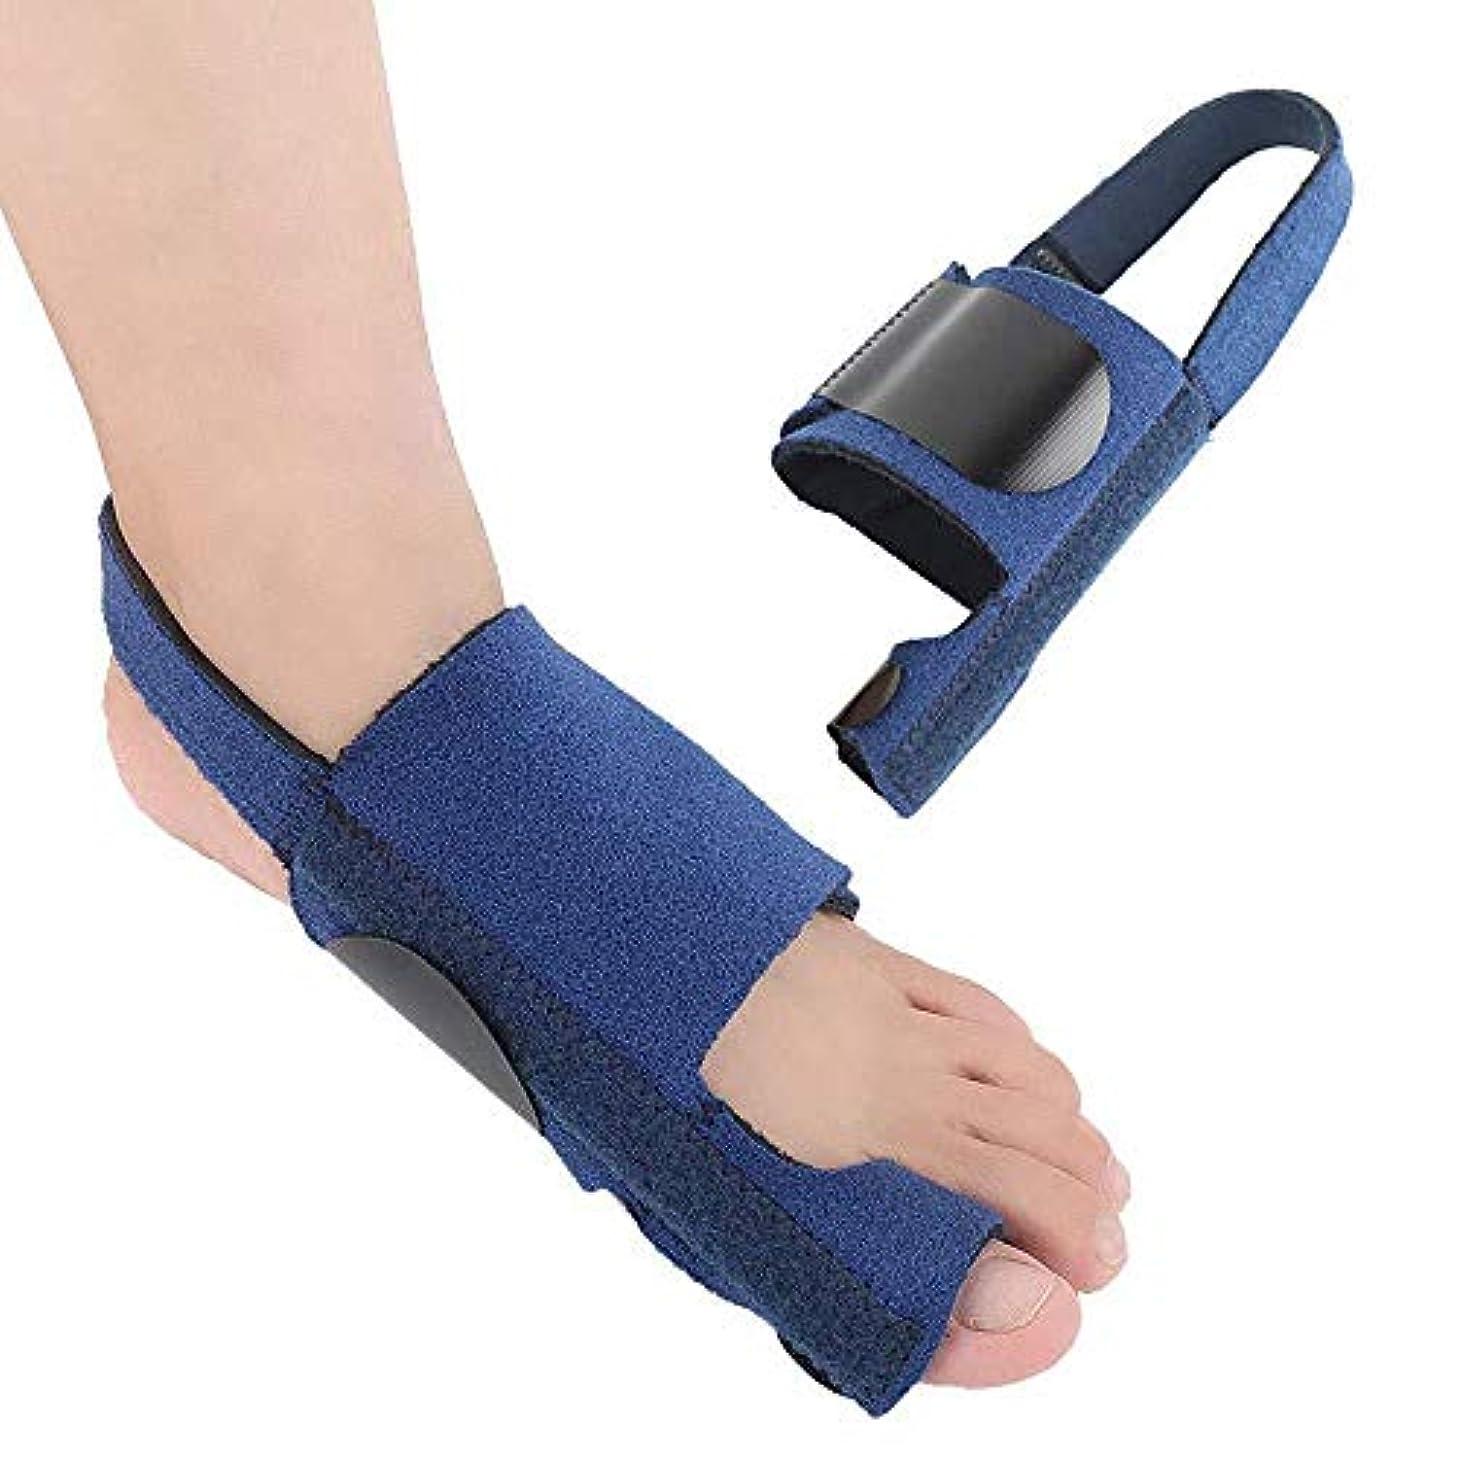 疎外パドル石化する外反母ortho装具、装具アーチサポートゲル大足矯正スプリント、夜間および昼間の扁平足の痛みの緩和の男性と女性,Right Foot